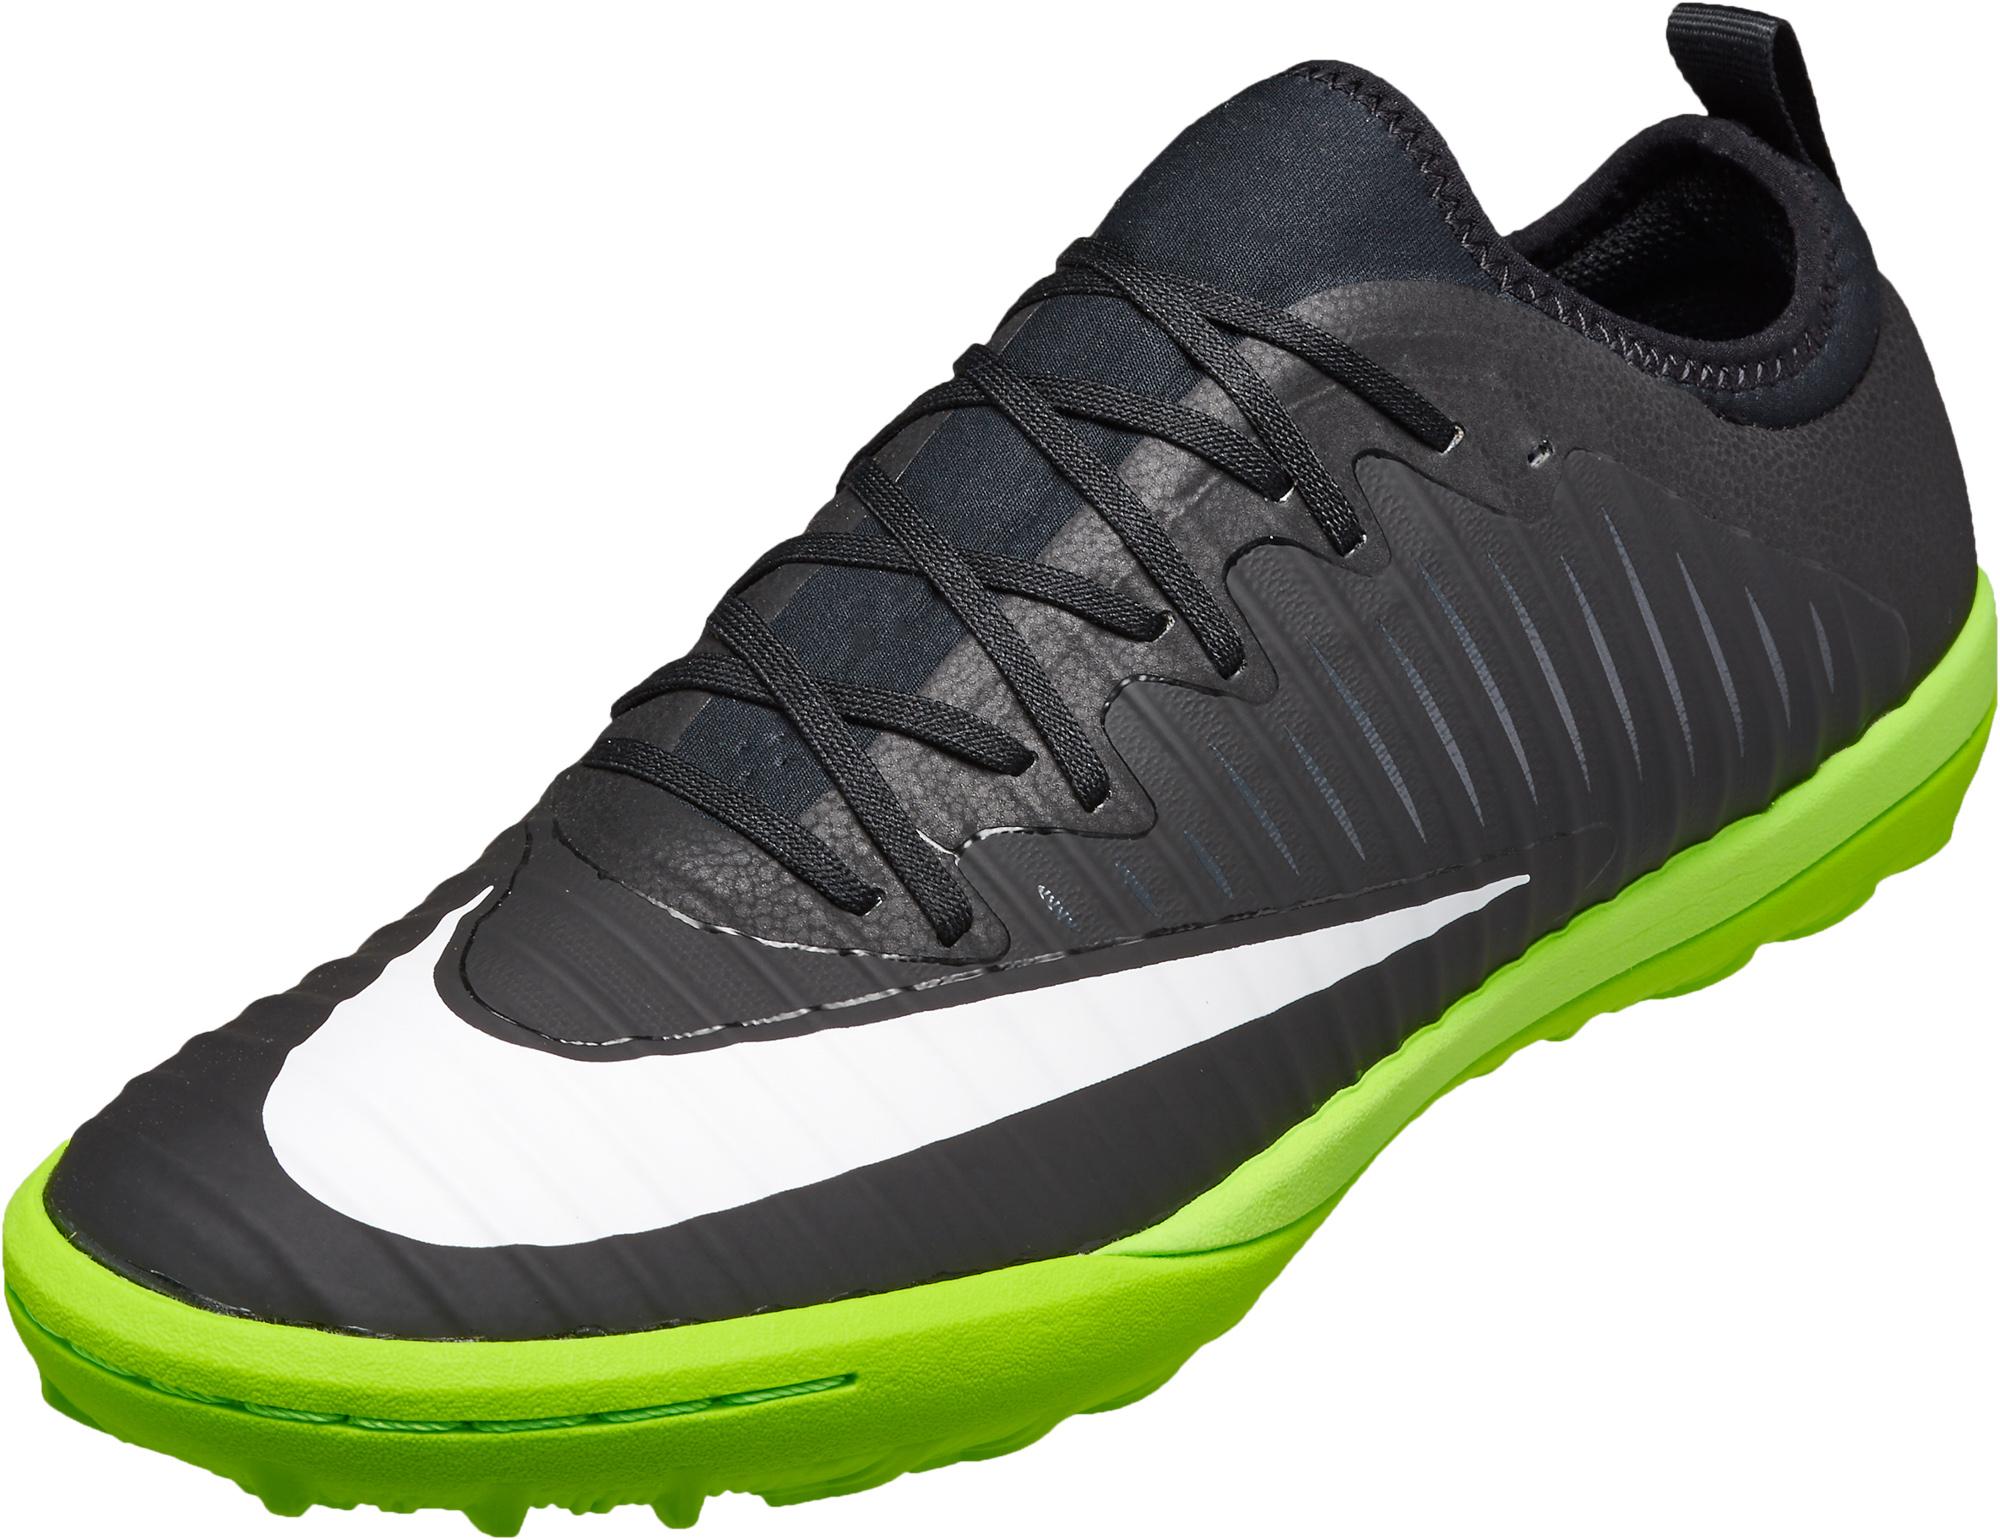 info til nyeste design speciel sektion Nike MercurialX Finale TF - Nike Turf Soccer Shoes